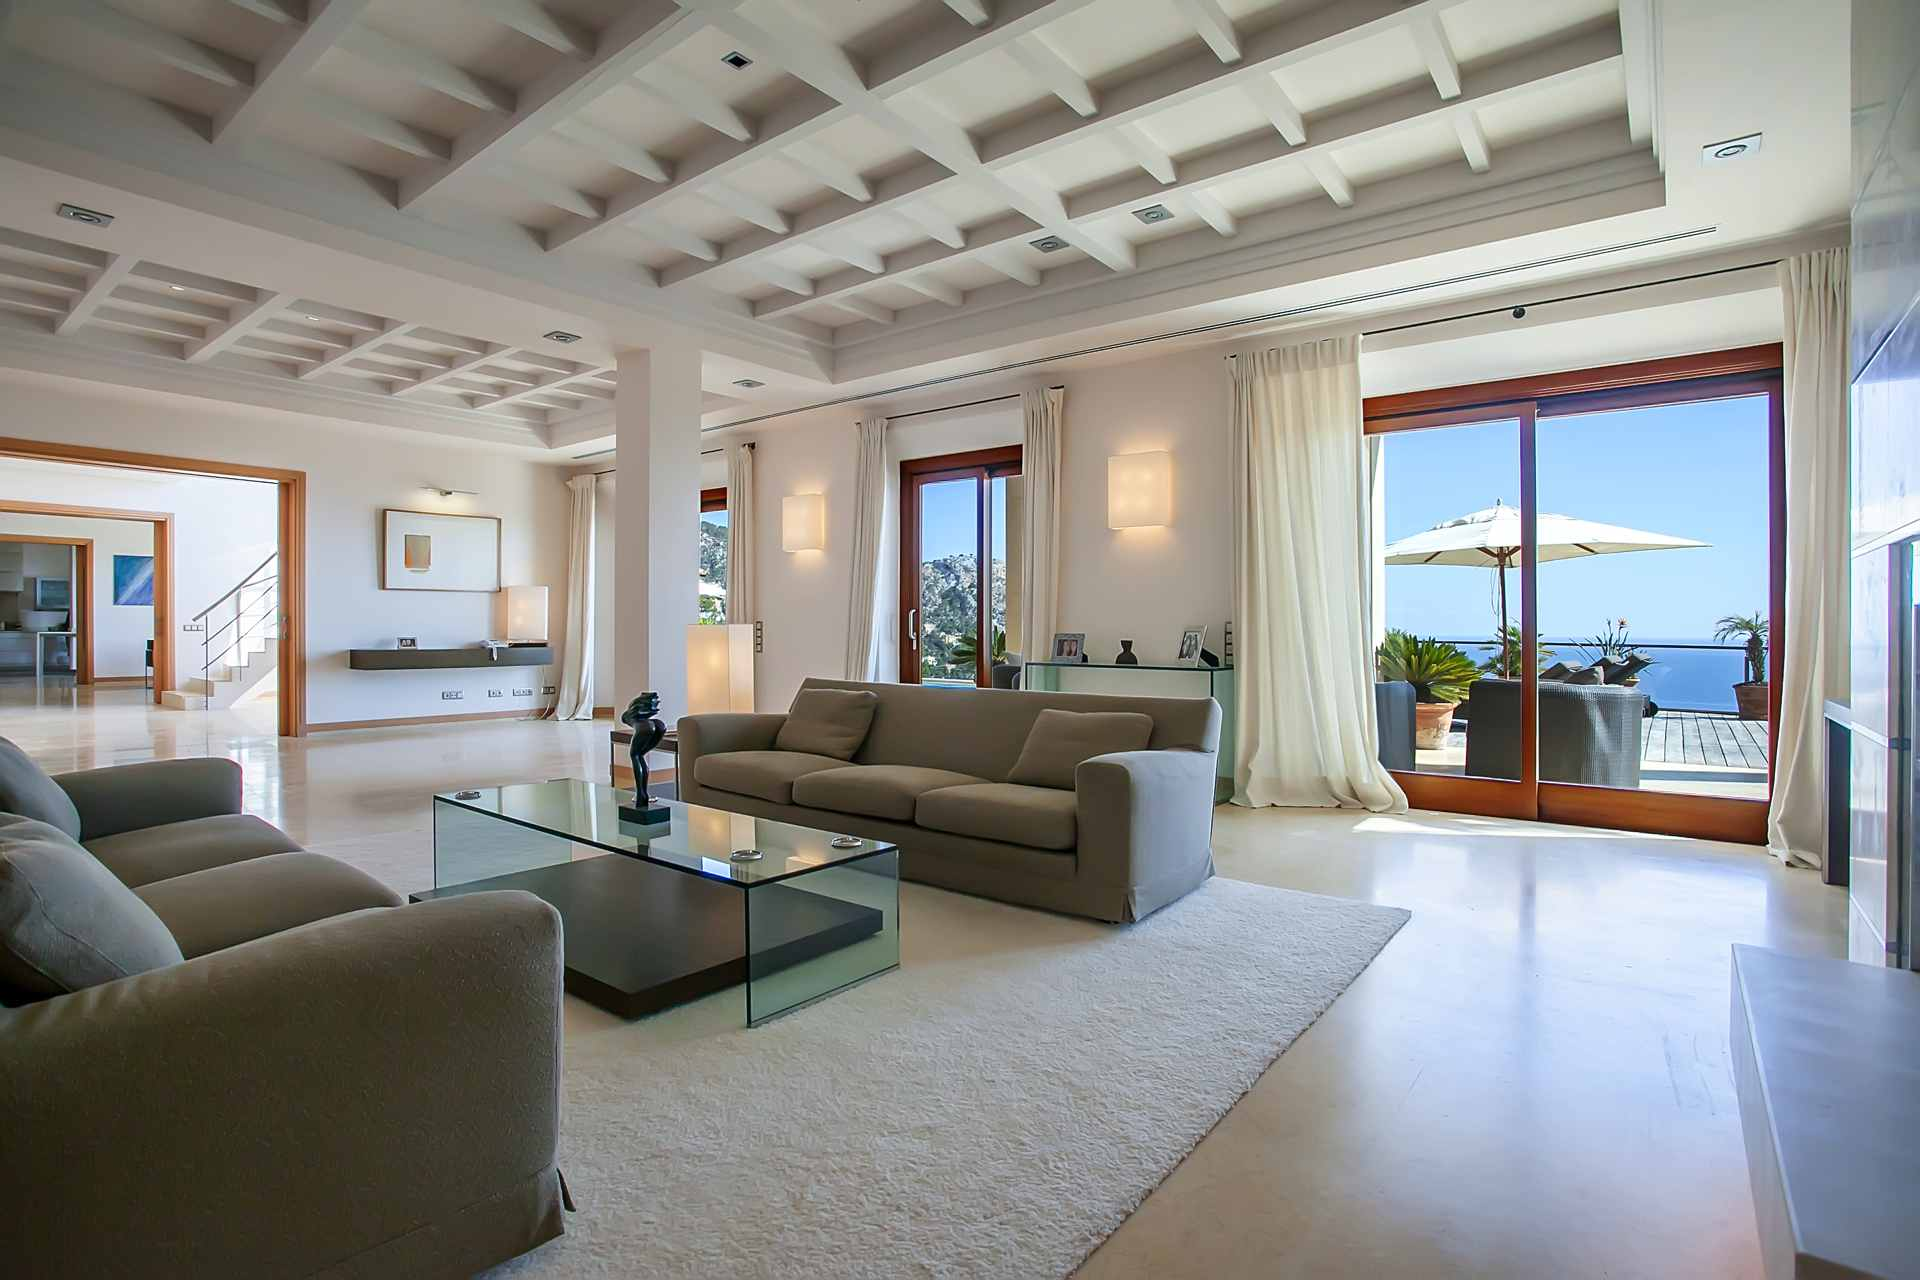 01-268 modern luxury Villa Mallorca southwest Bild 5